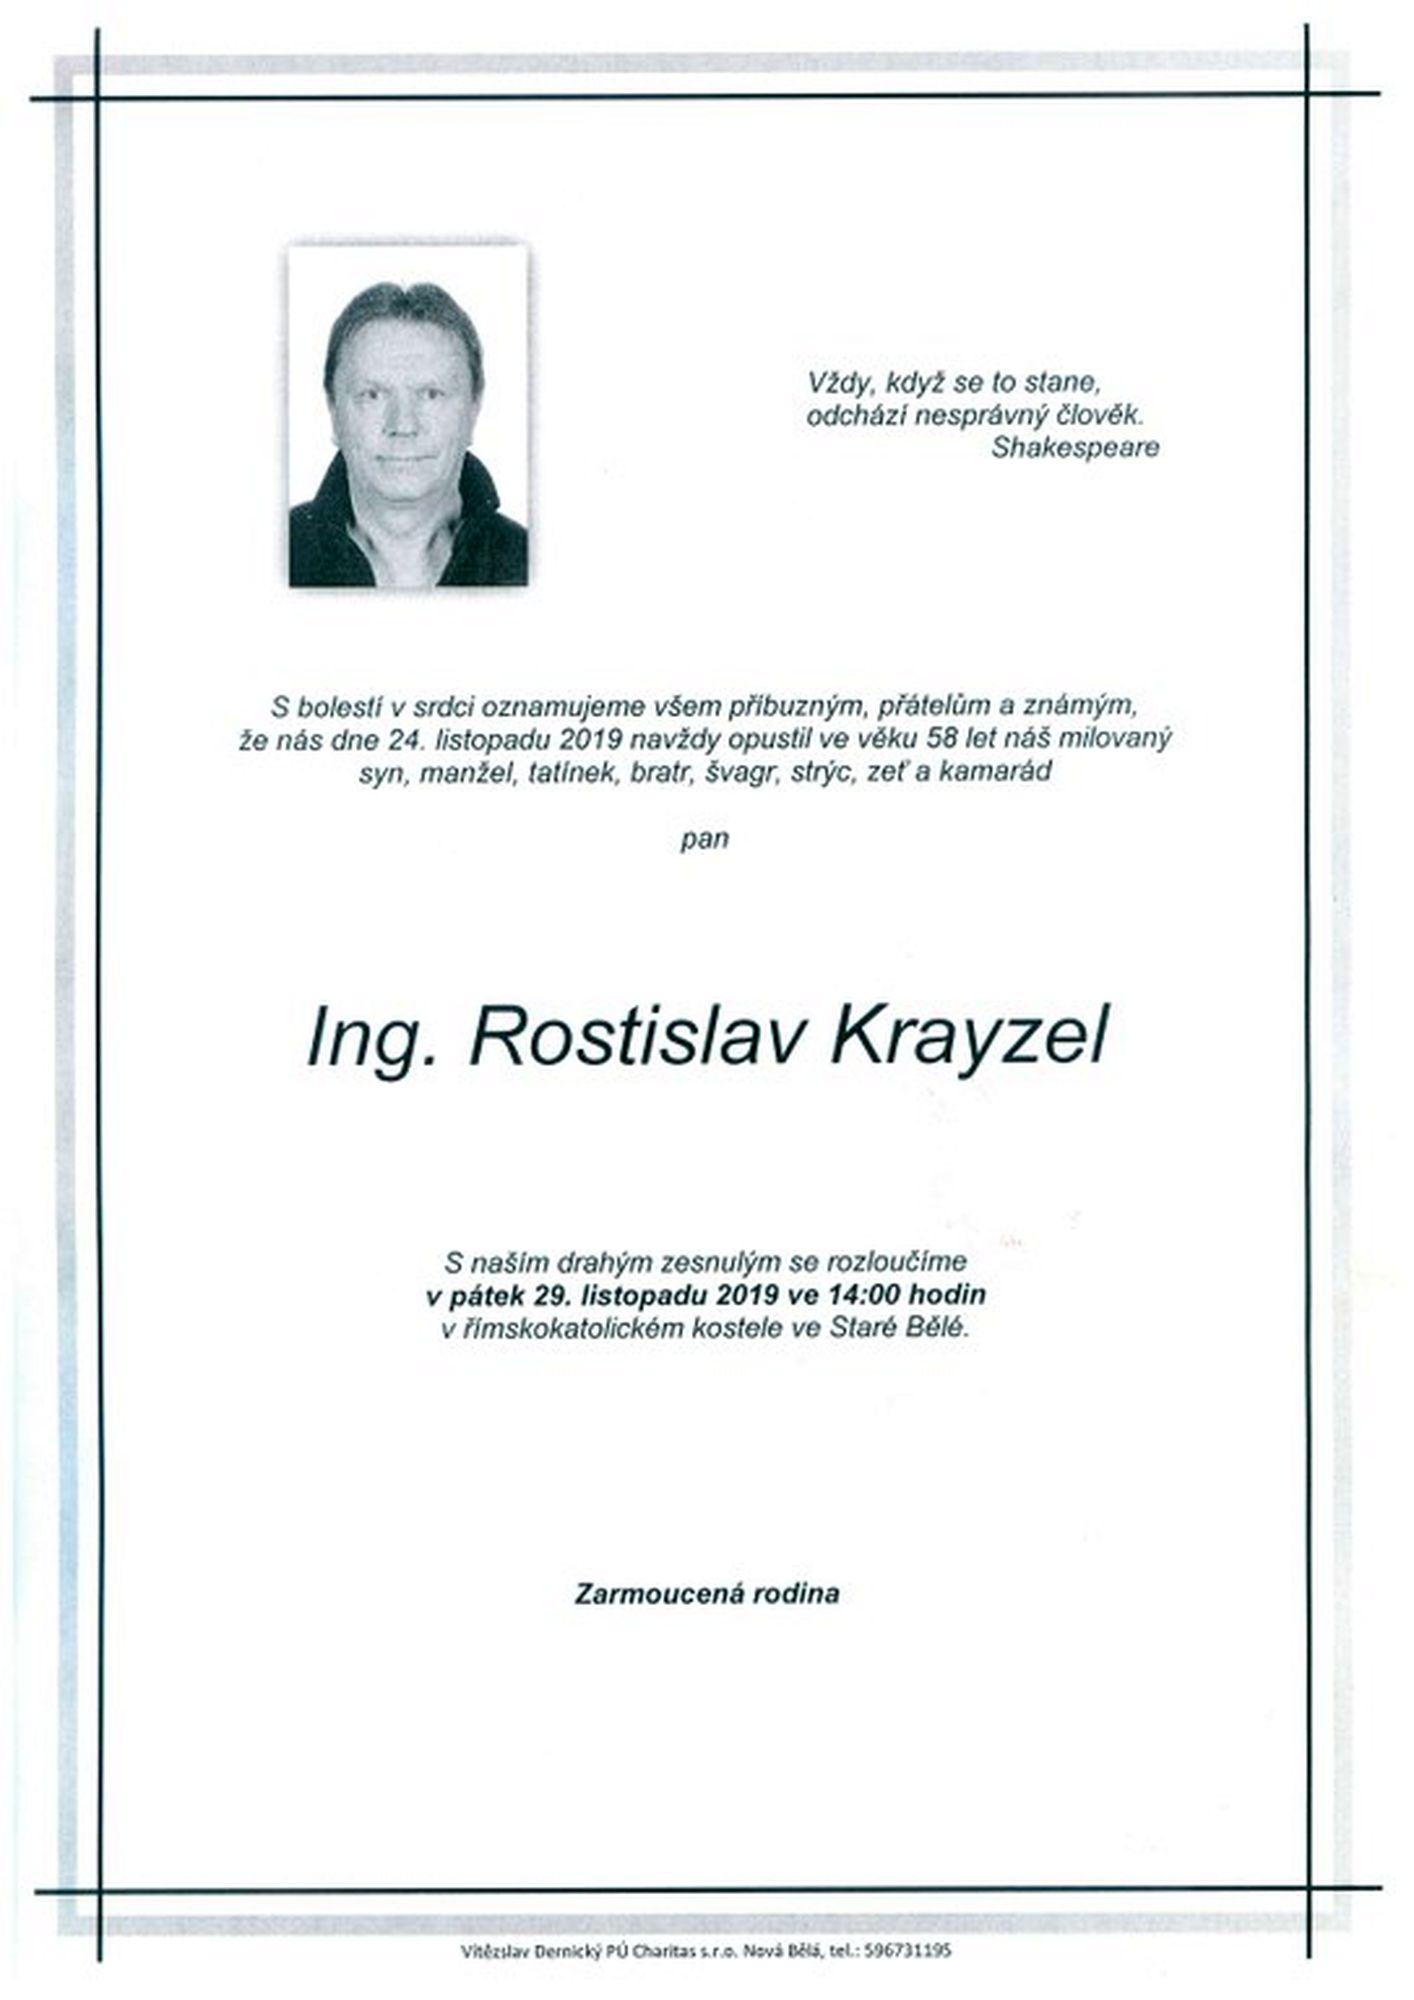 Ing. Rostislav Krayzel